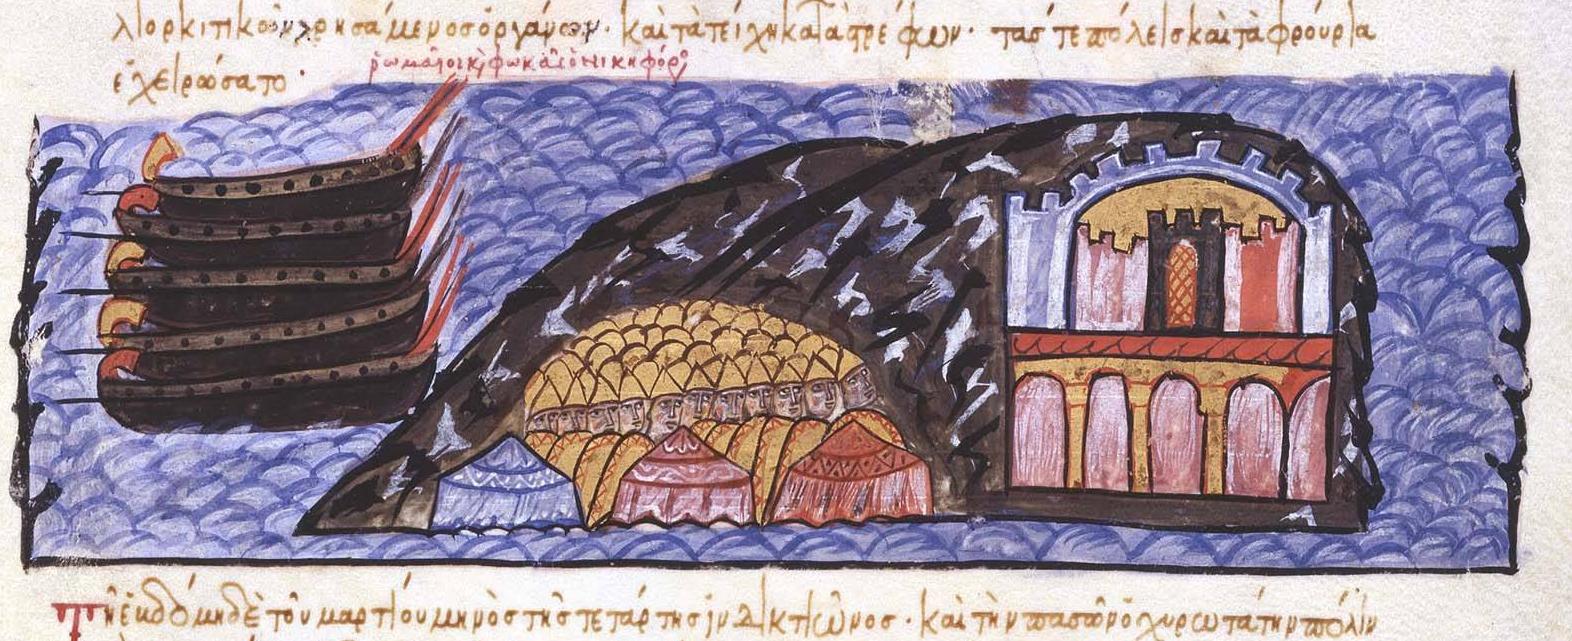 [Image: Byzantines_under_Nikephoros_Phokas_besiege_Chandax.png]